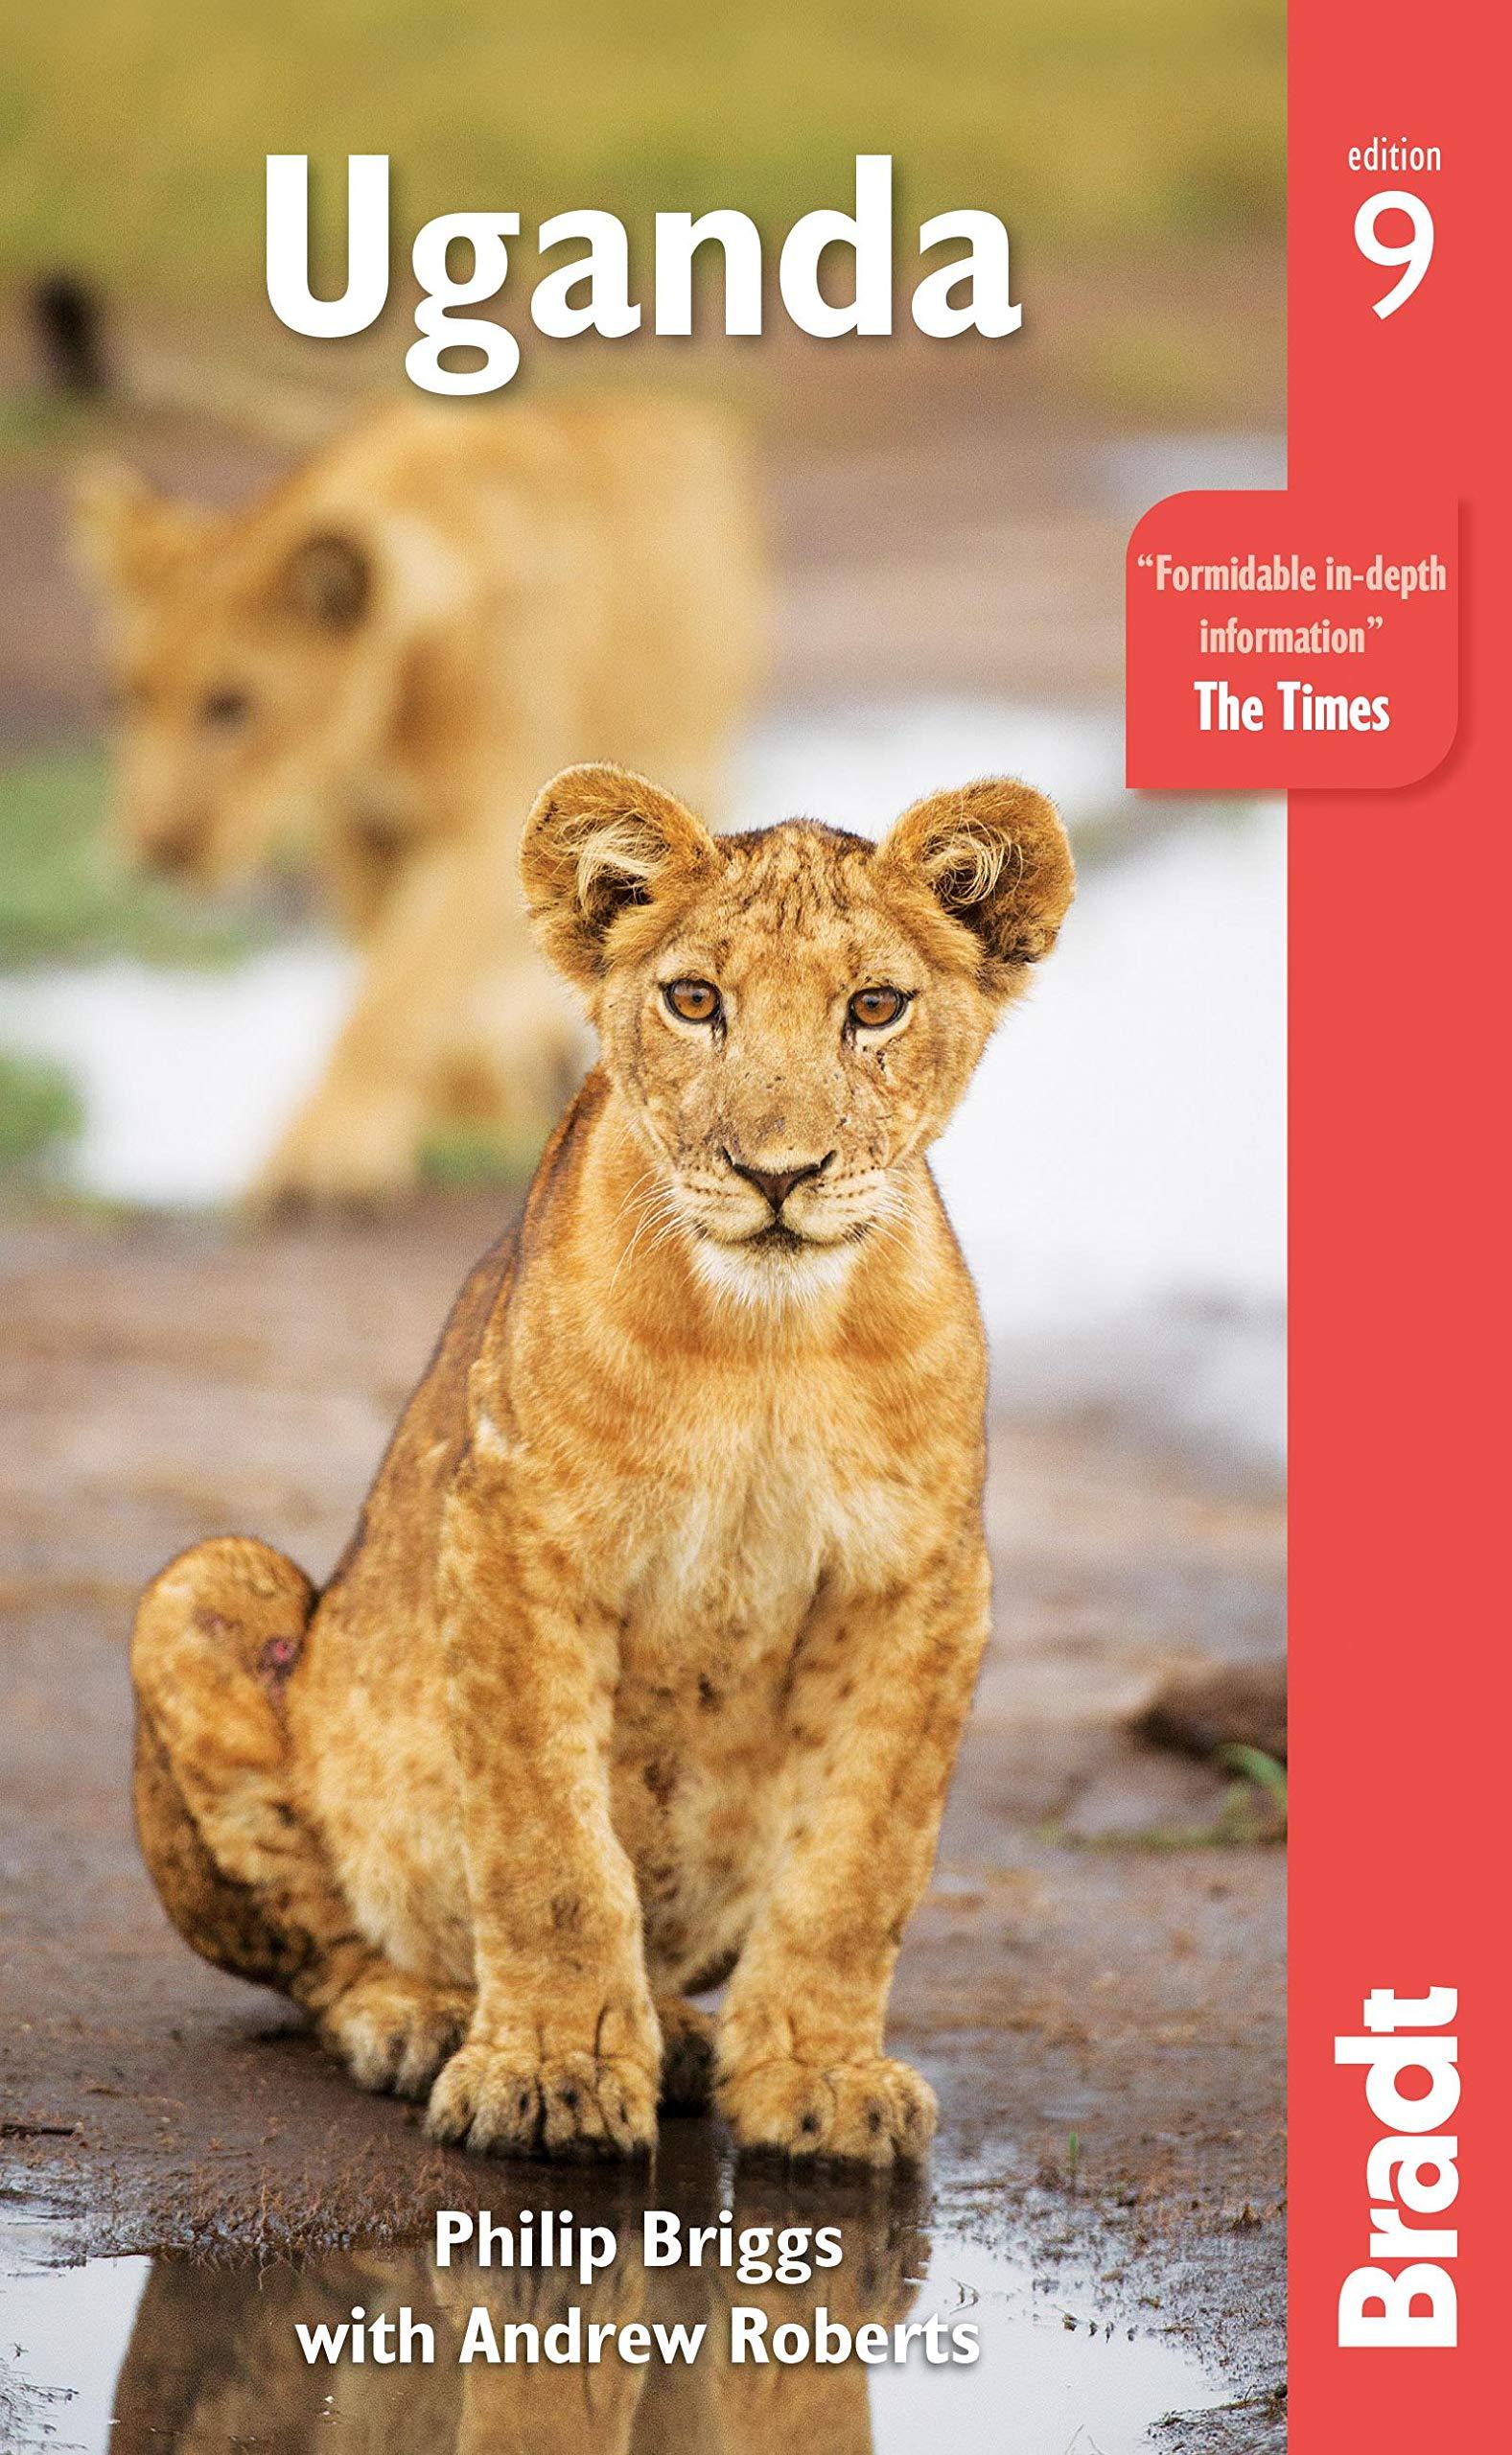 מדריך באנגלית BR אוגנדה